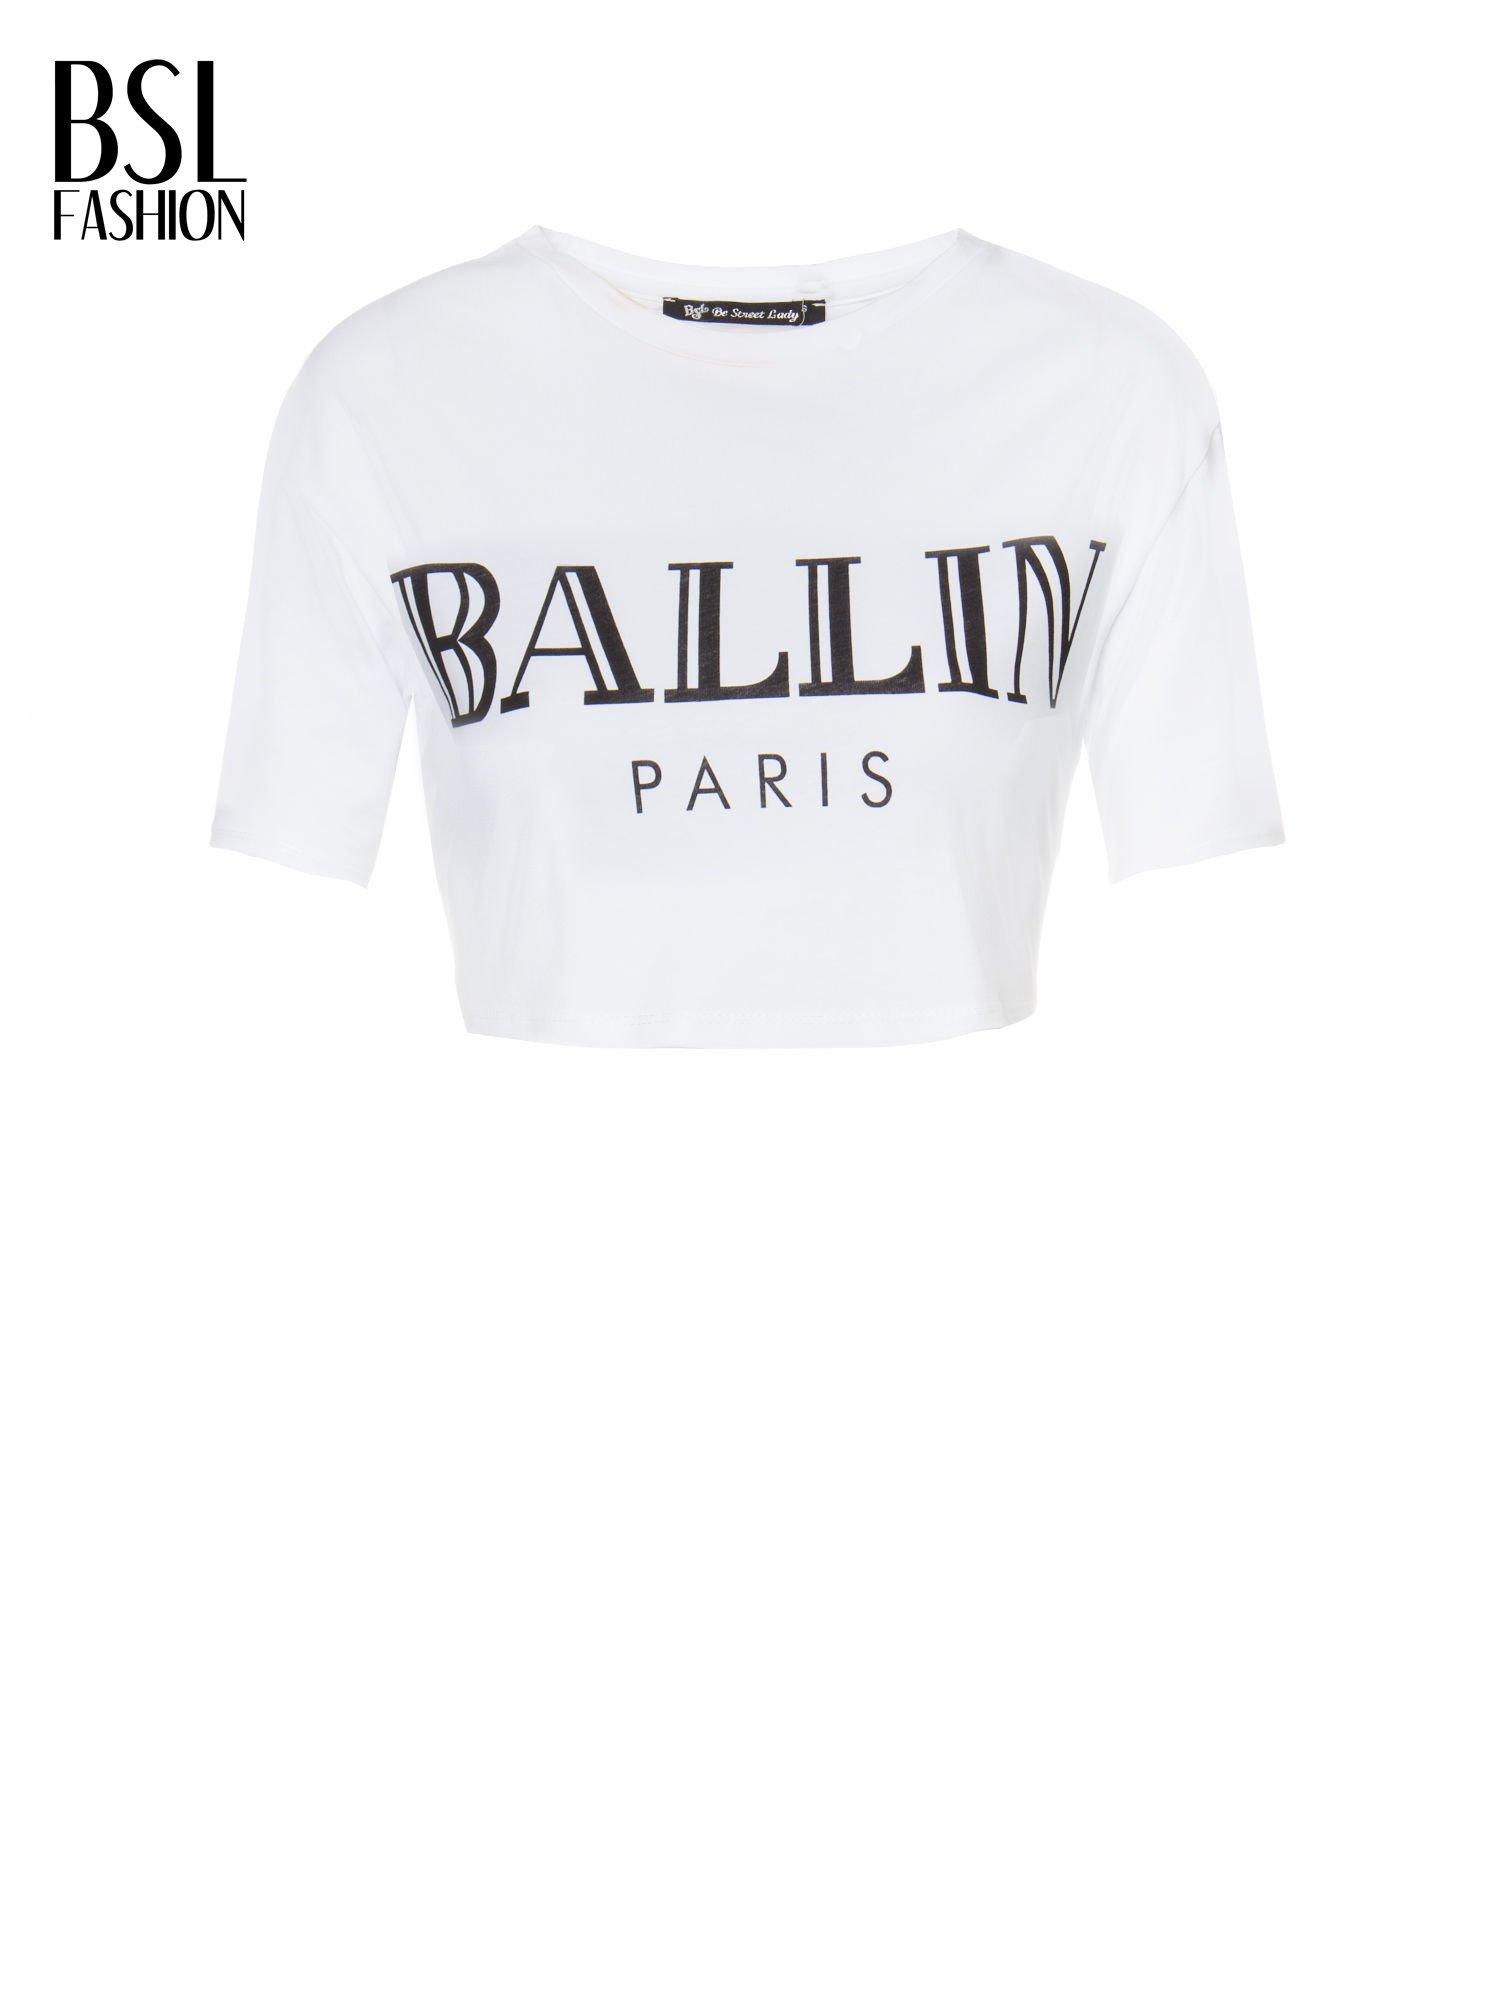 Biały krótki t-shirt przed pępek z napisem BALLIN PARIS                                  zdj.                                  2